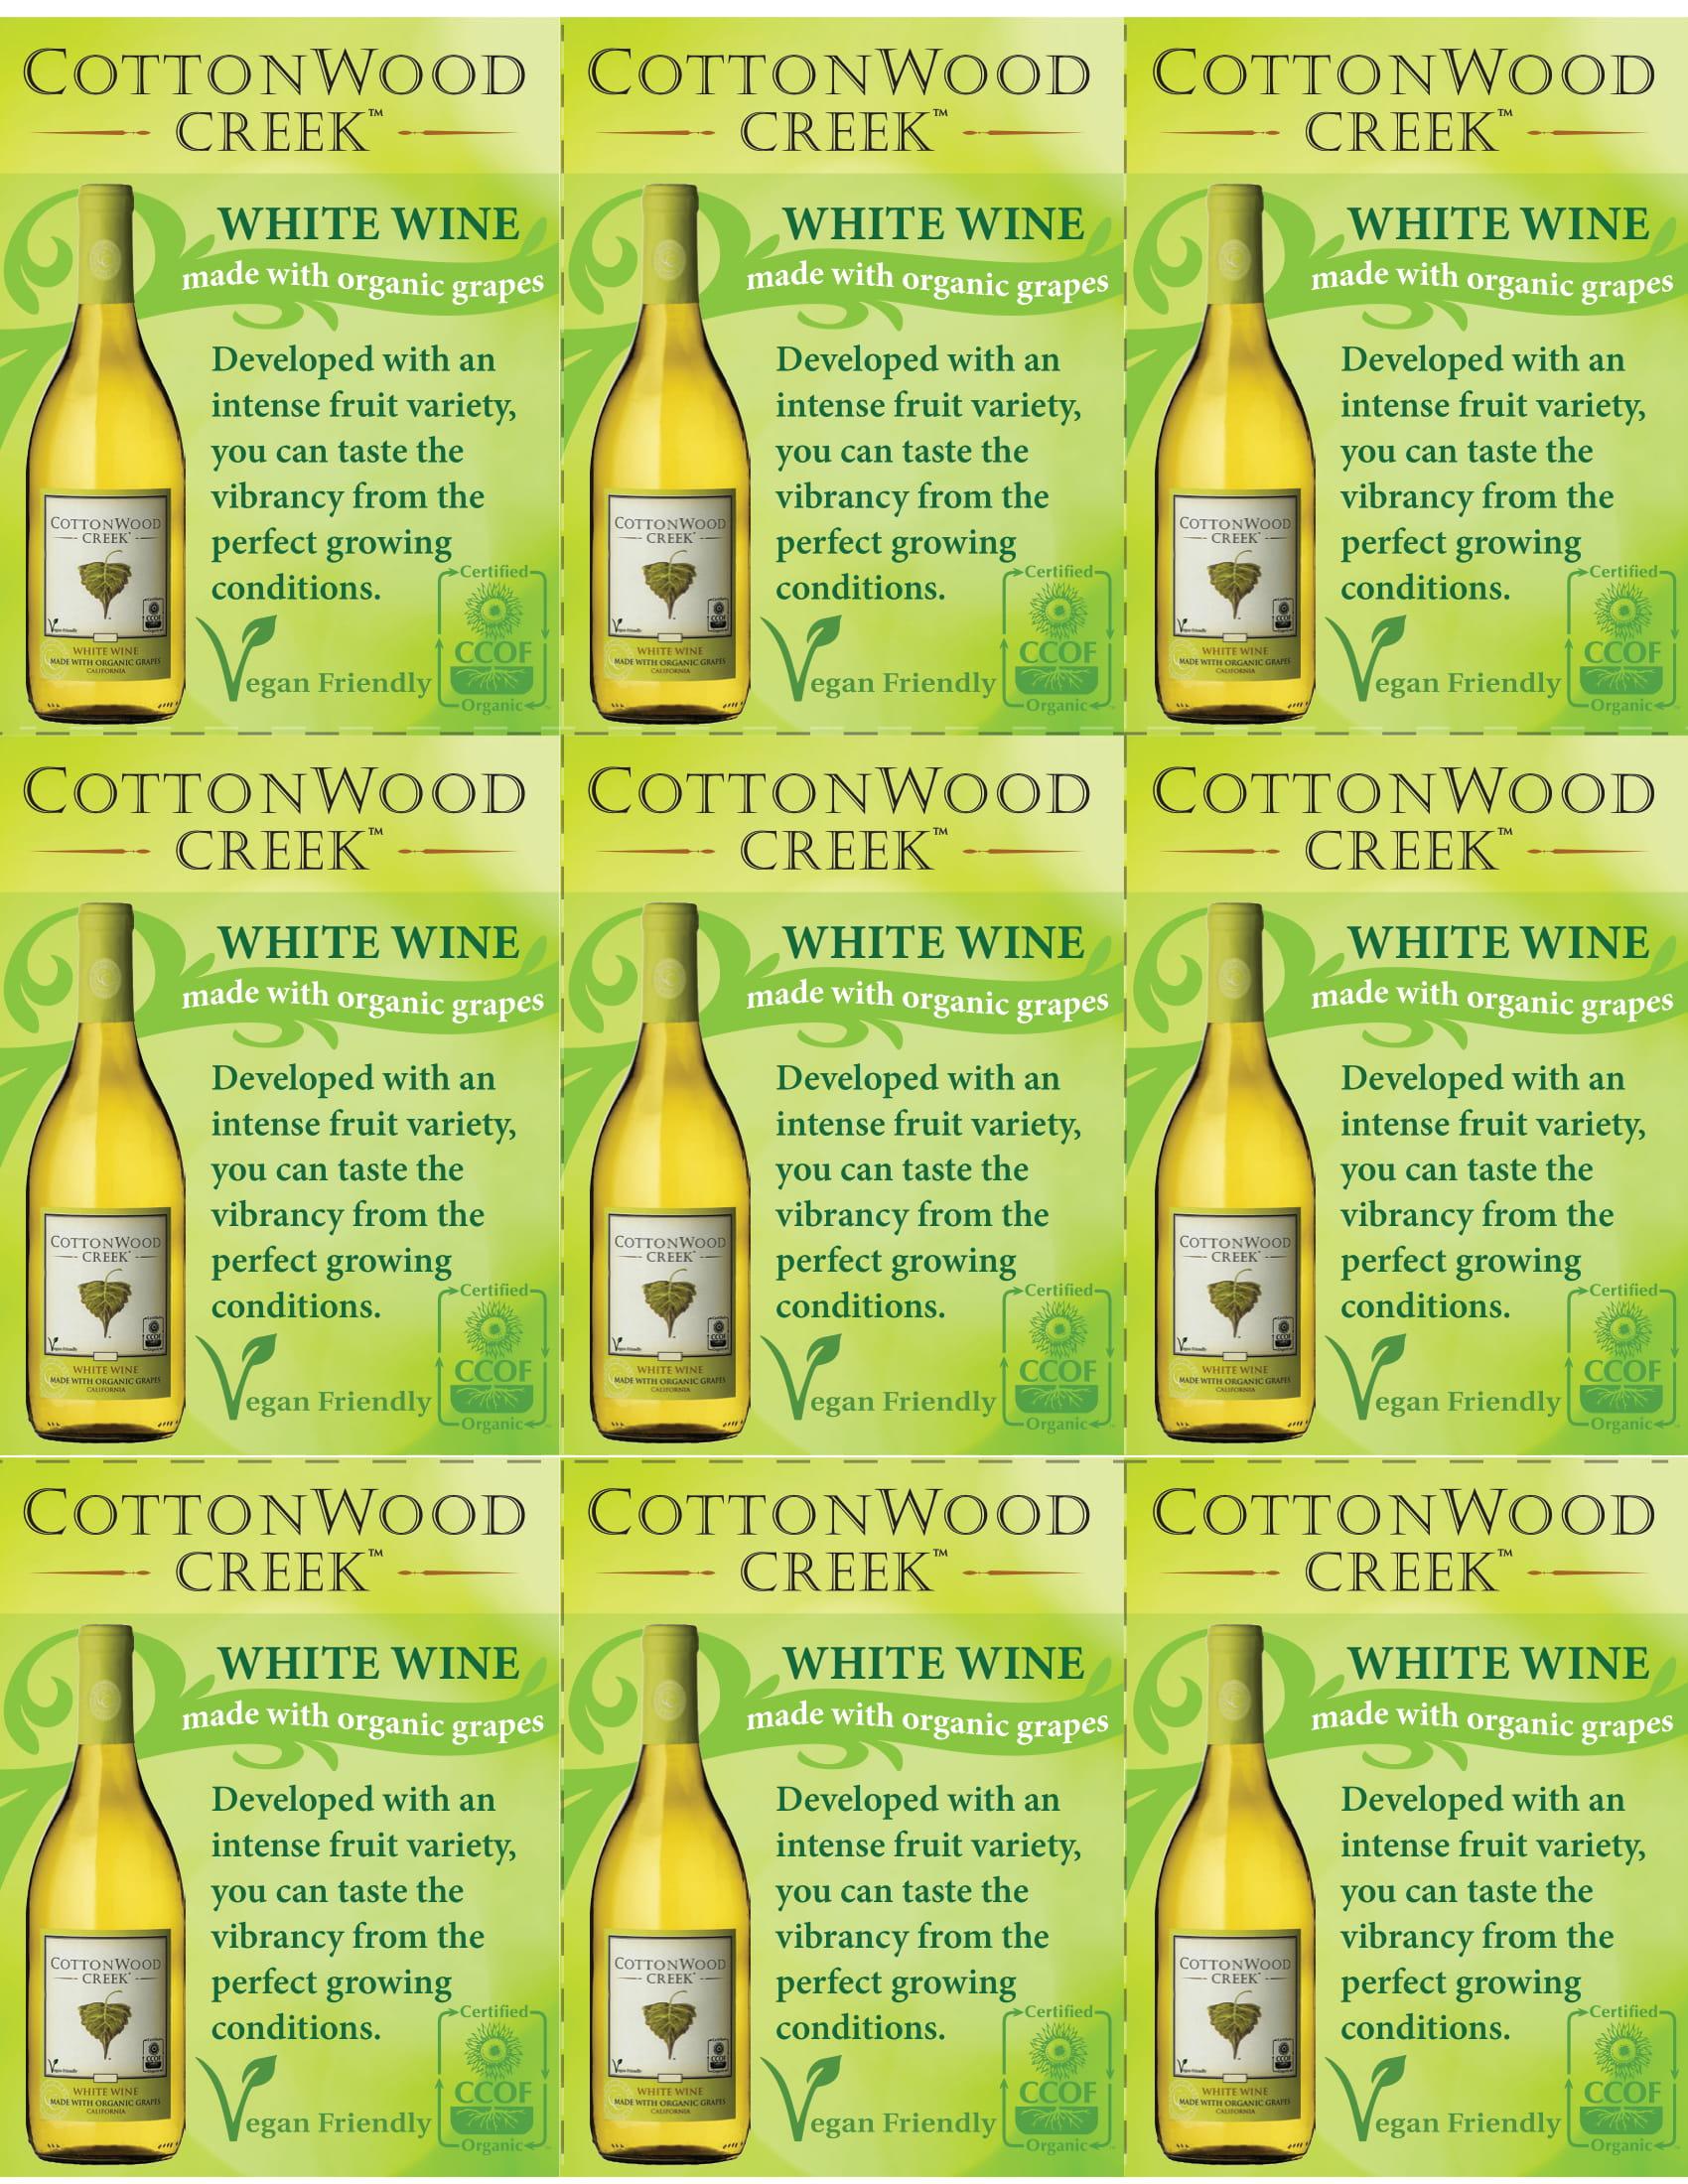 Cottonwood Creek White Wine Shelf Talker